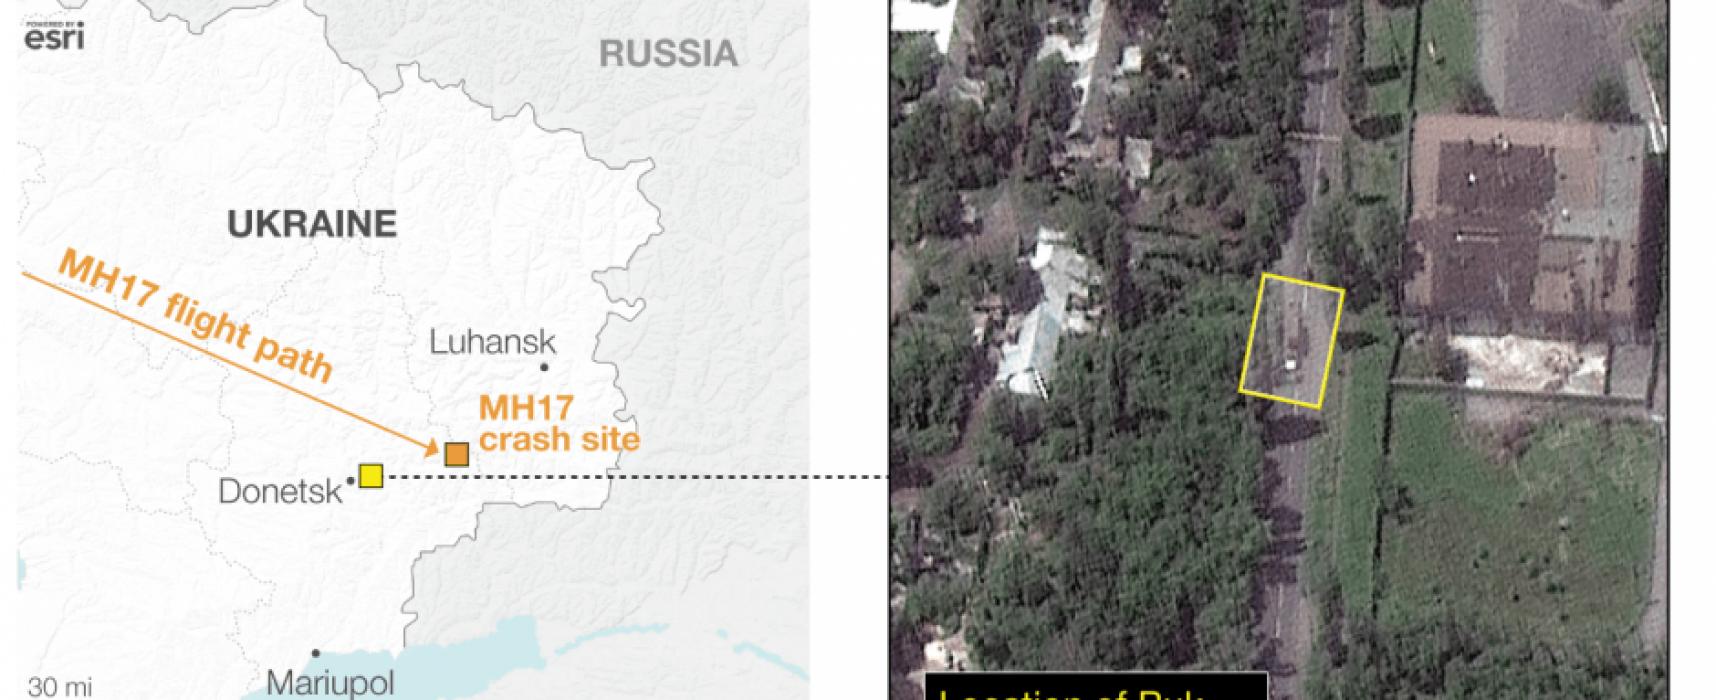 Nuevas imágenes del satélite de Google Earth confirman la presencia de un Buk en Ucrania del este